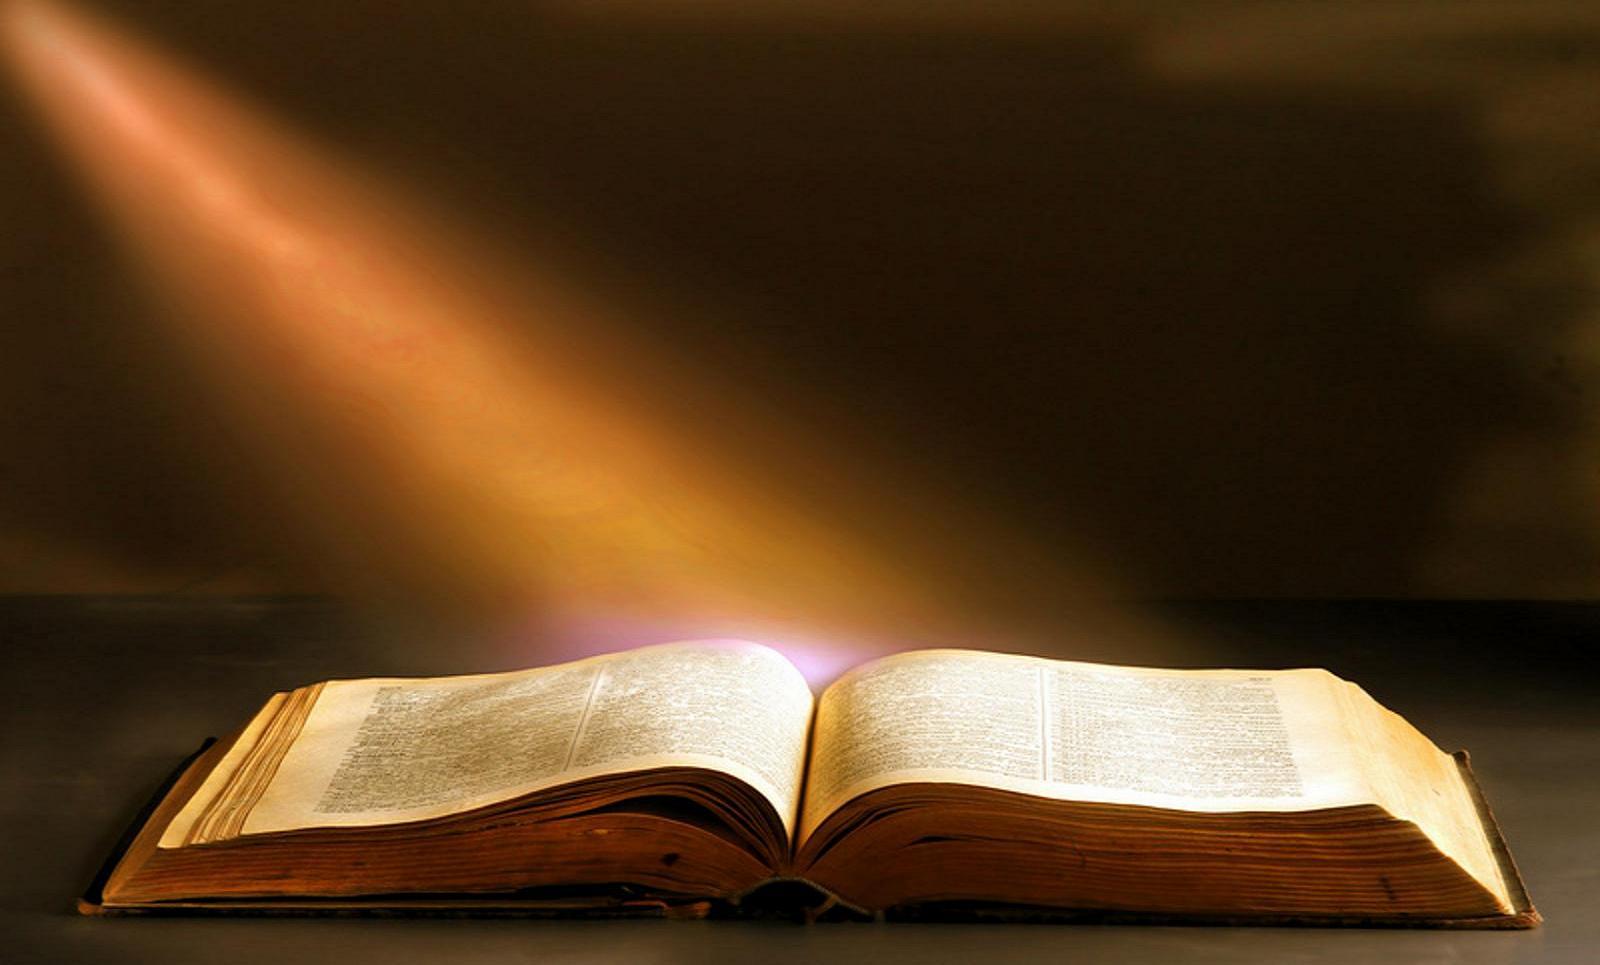 Biblical Backing